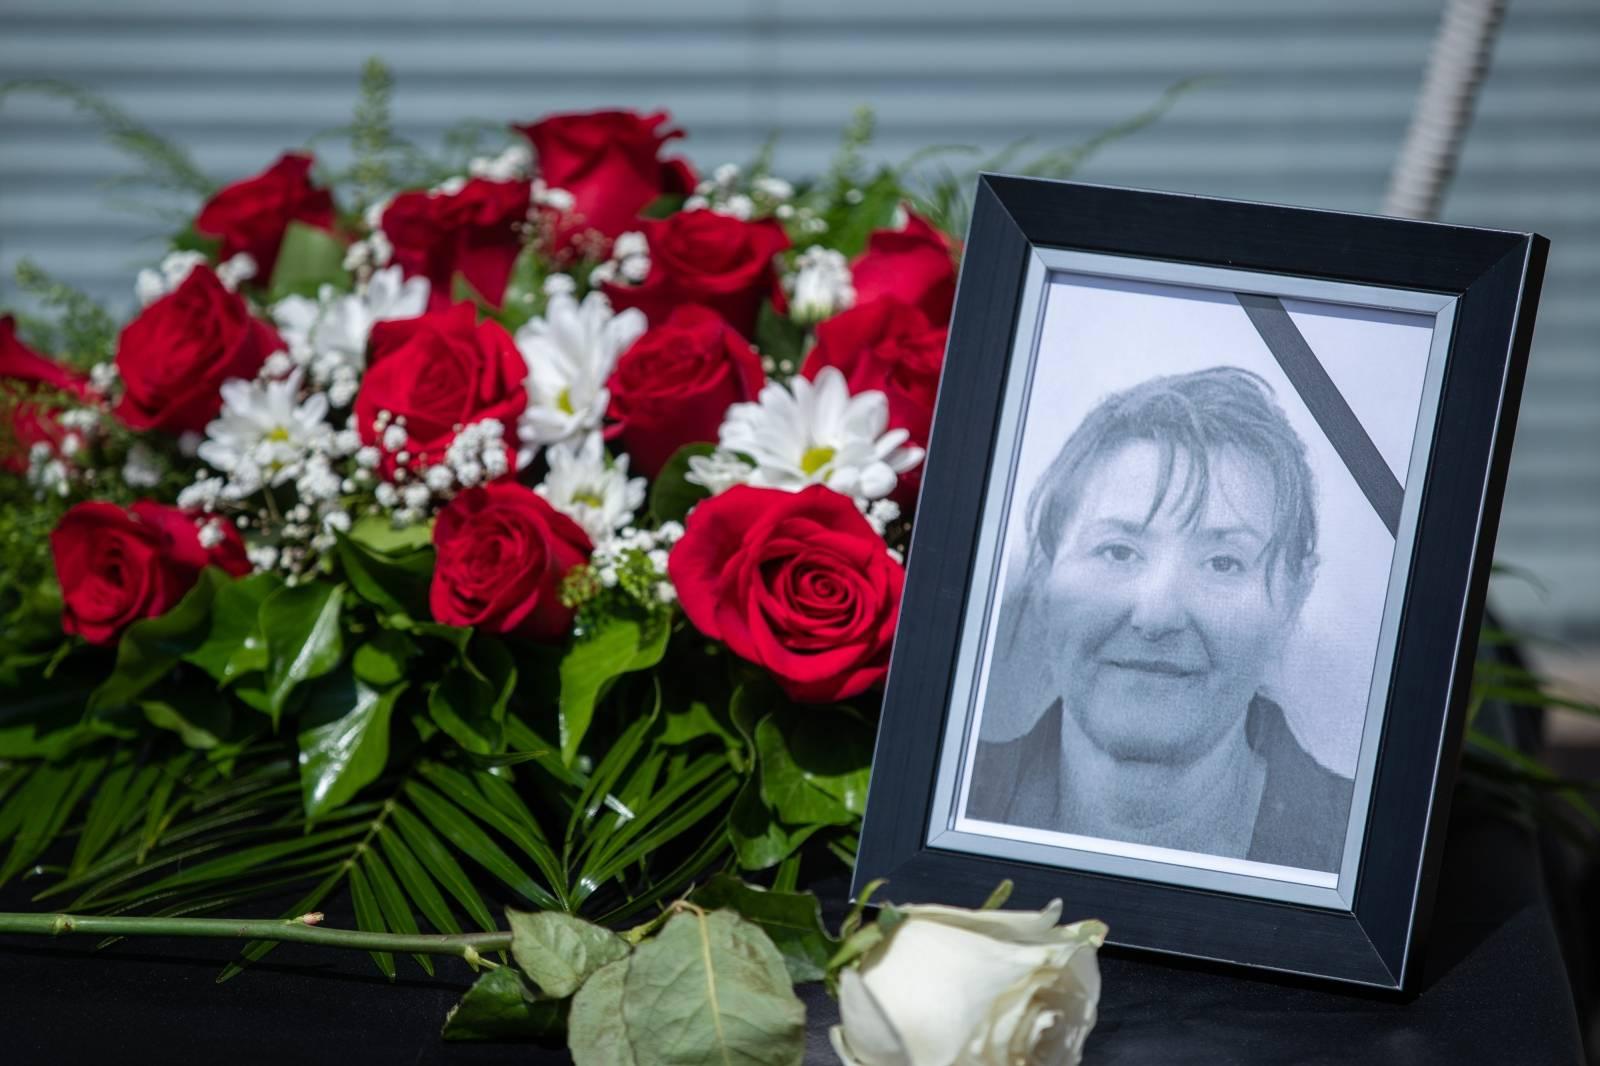 Zagreb: Prosvjed socijalnih radnika nakon jučerašnjeg ubojstva njihove kolegice u Đakovu